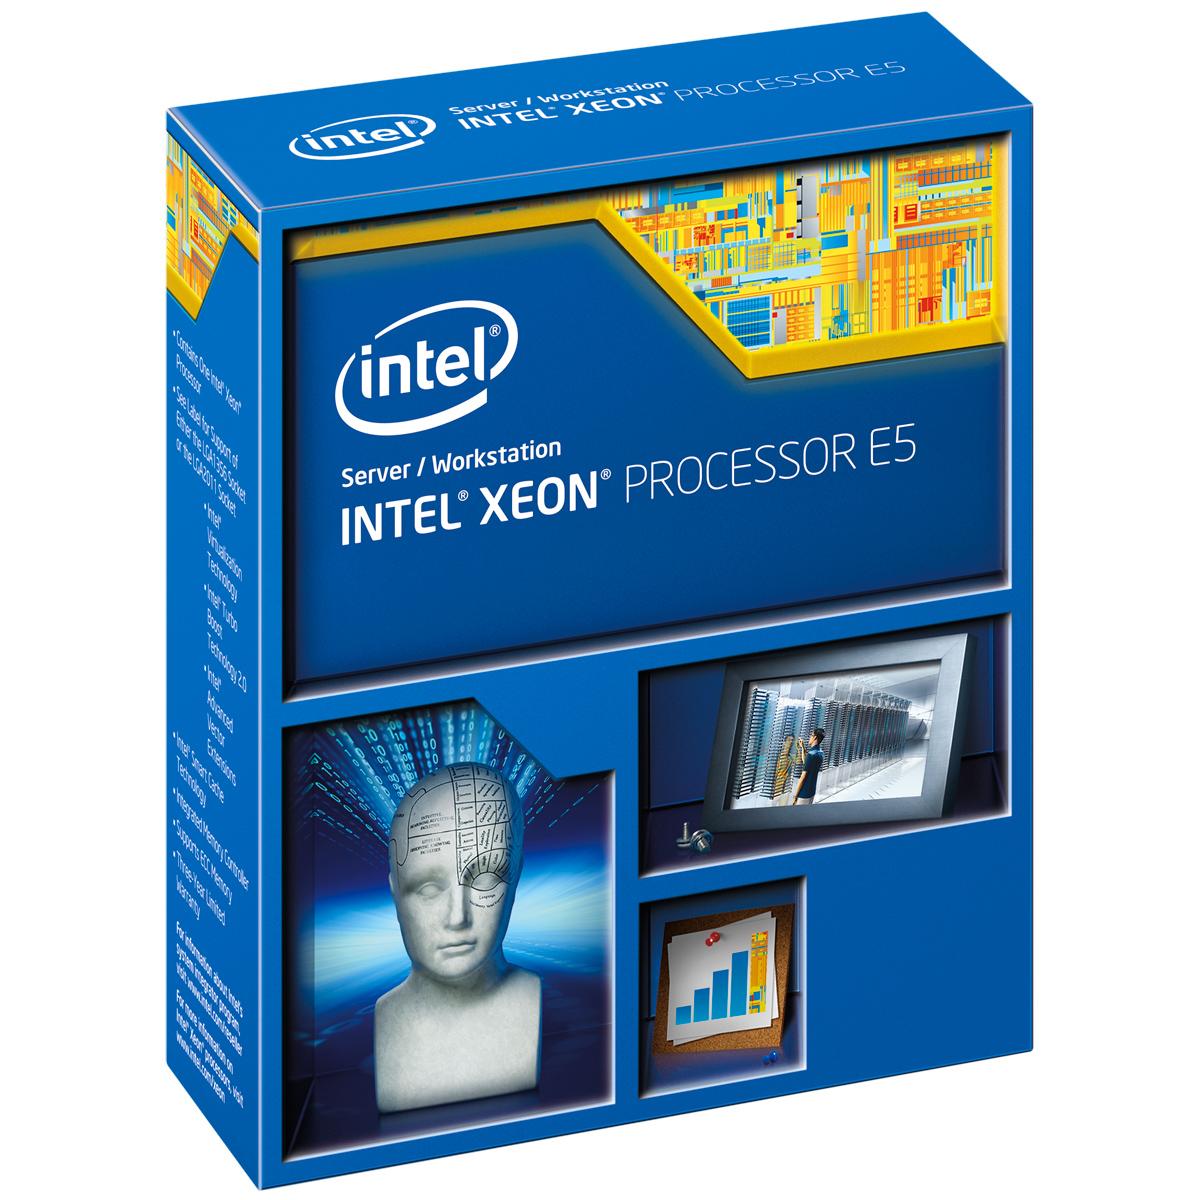 Processeur Intel Xeon E5-1650 v3 (3.5 GHz) Processeur 6-Core Socket 2011-3 DMI 5GT/s Cache 15 Mo 0.022 micron (version boîte/sans ventilateur - garantie Intel 3 ans)